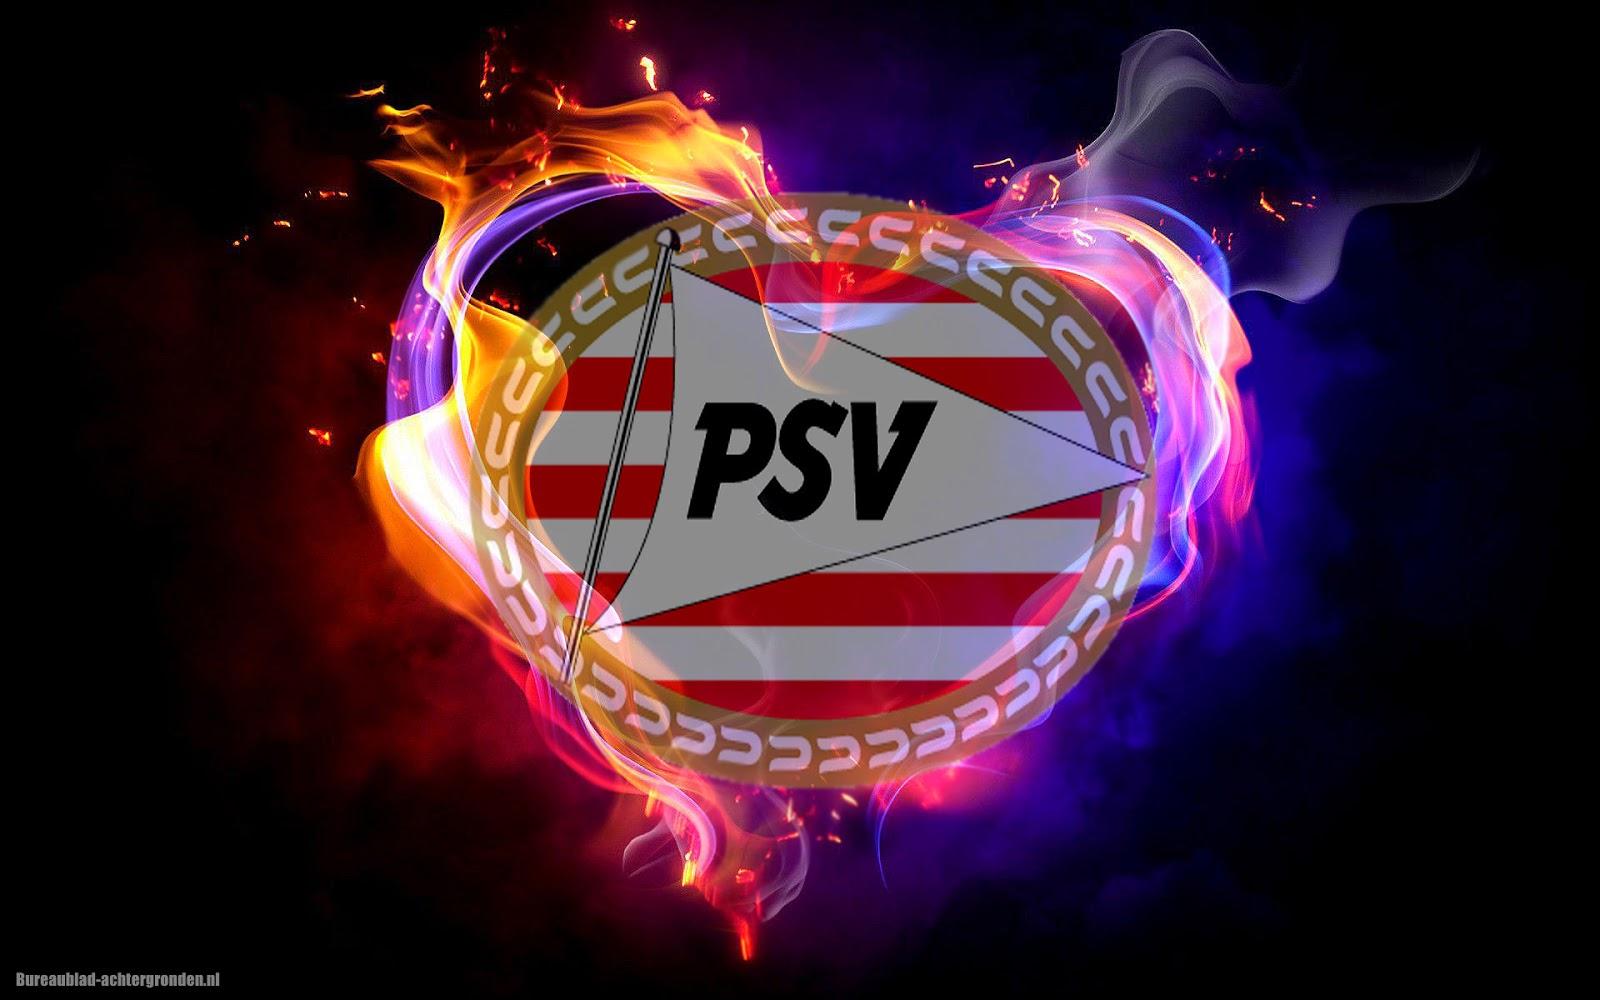 Voetbalclub Psv Wallpaper Met Vuur Mooie Leuke